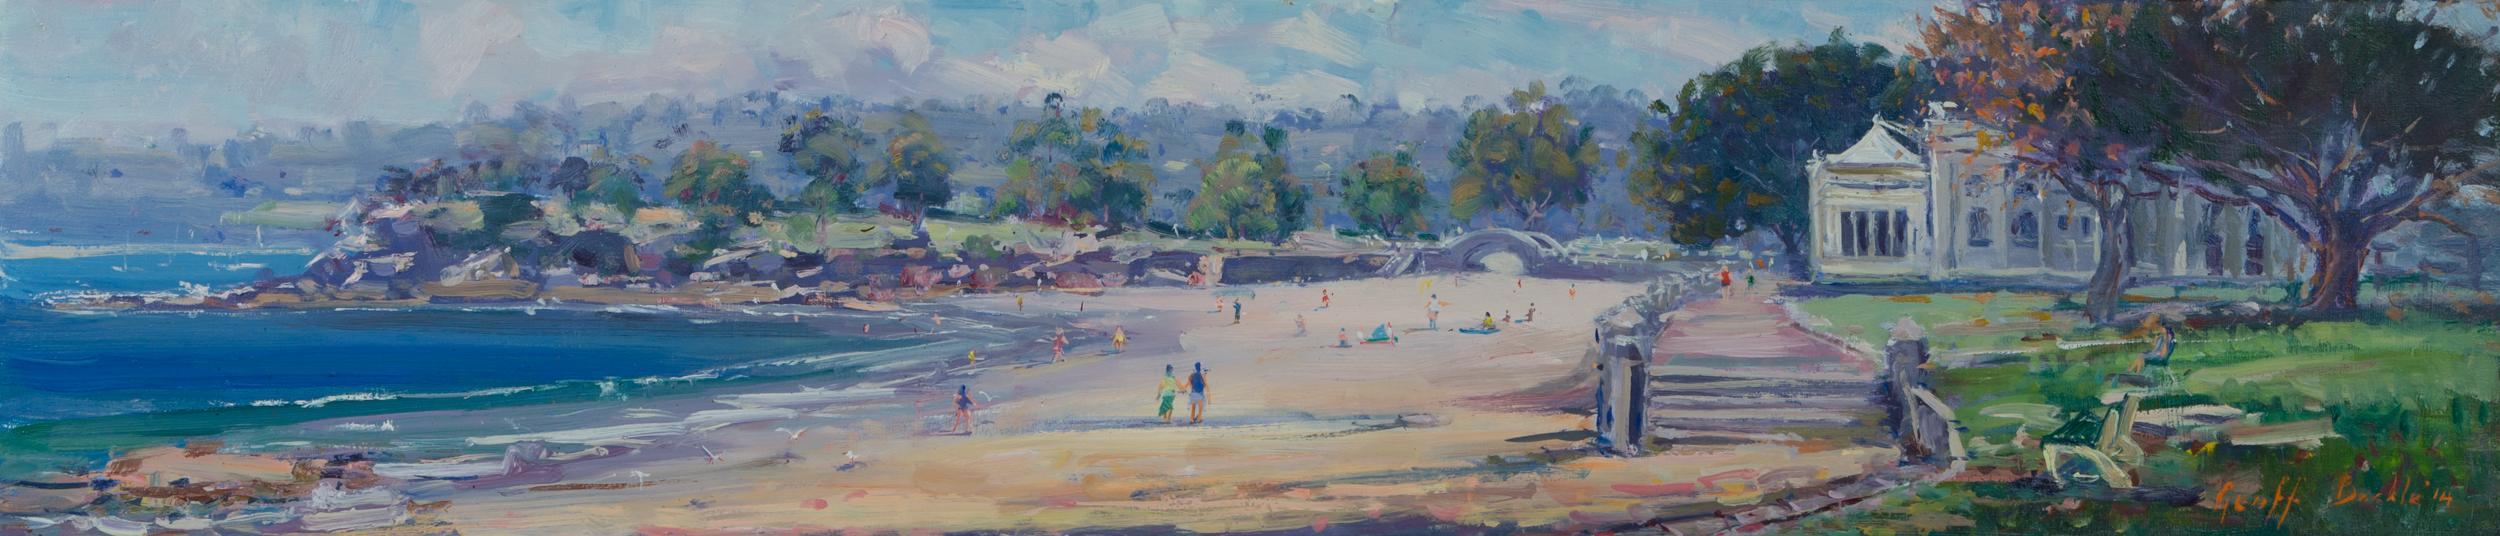 Edwards Beach, Balmoral